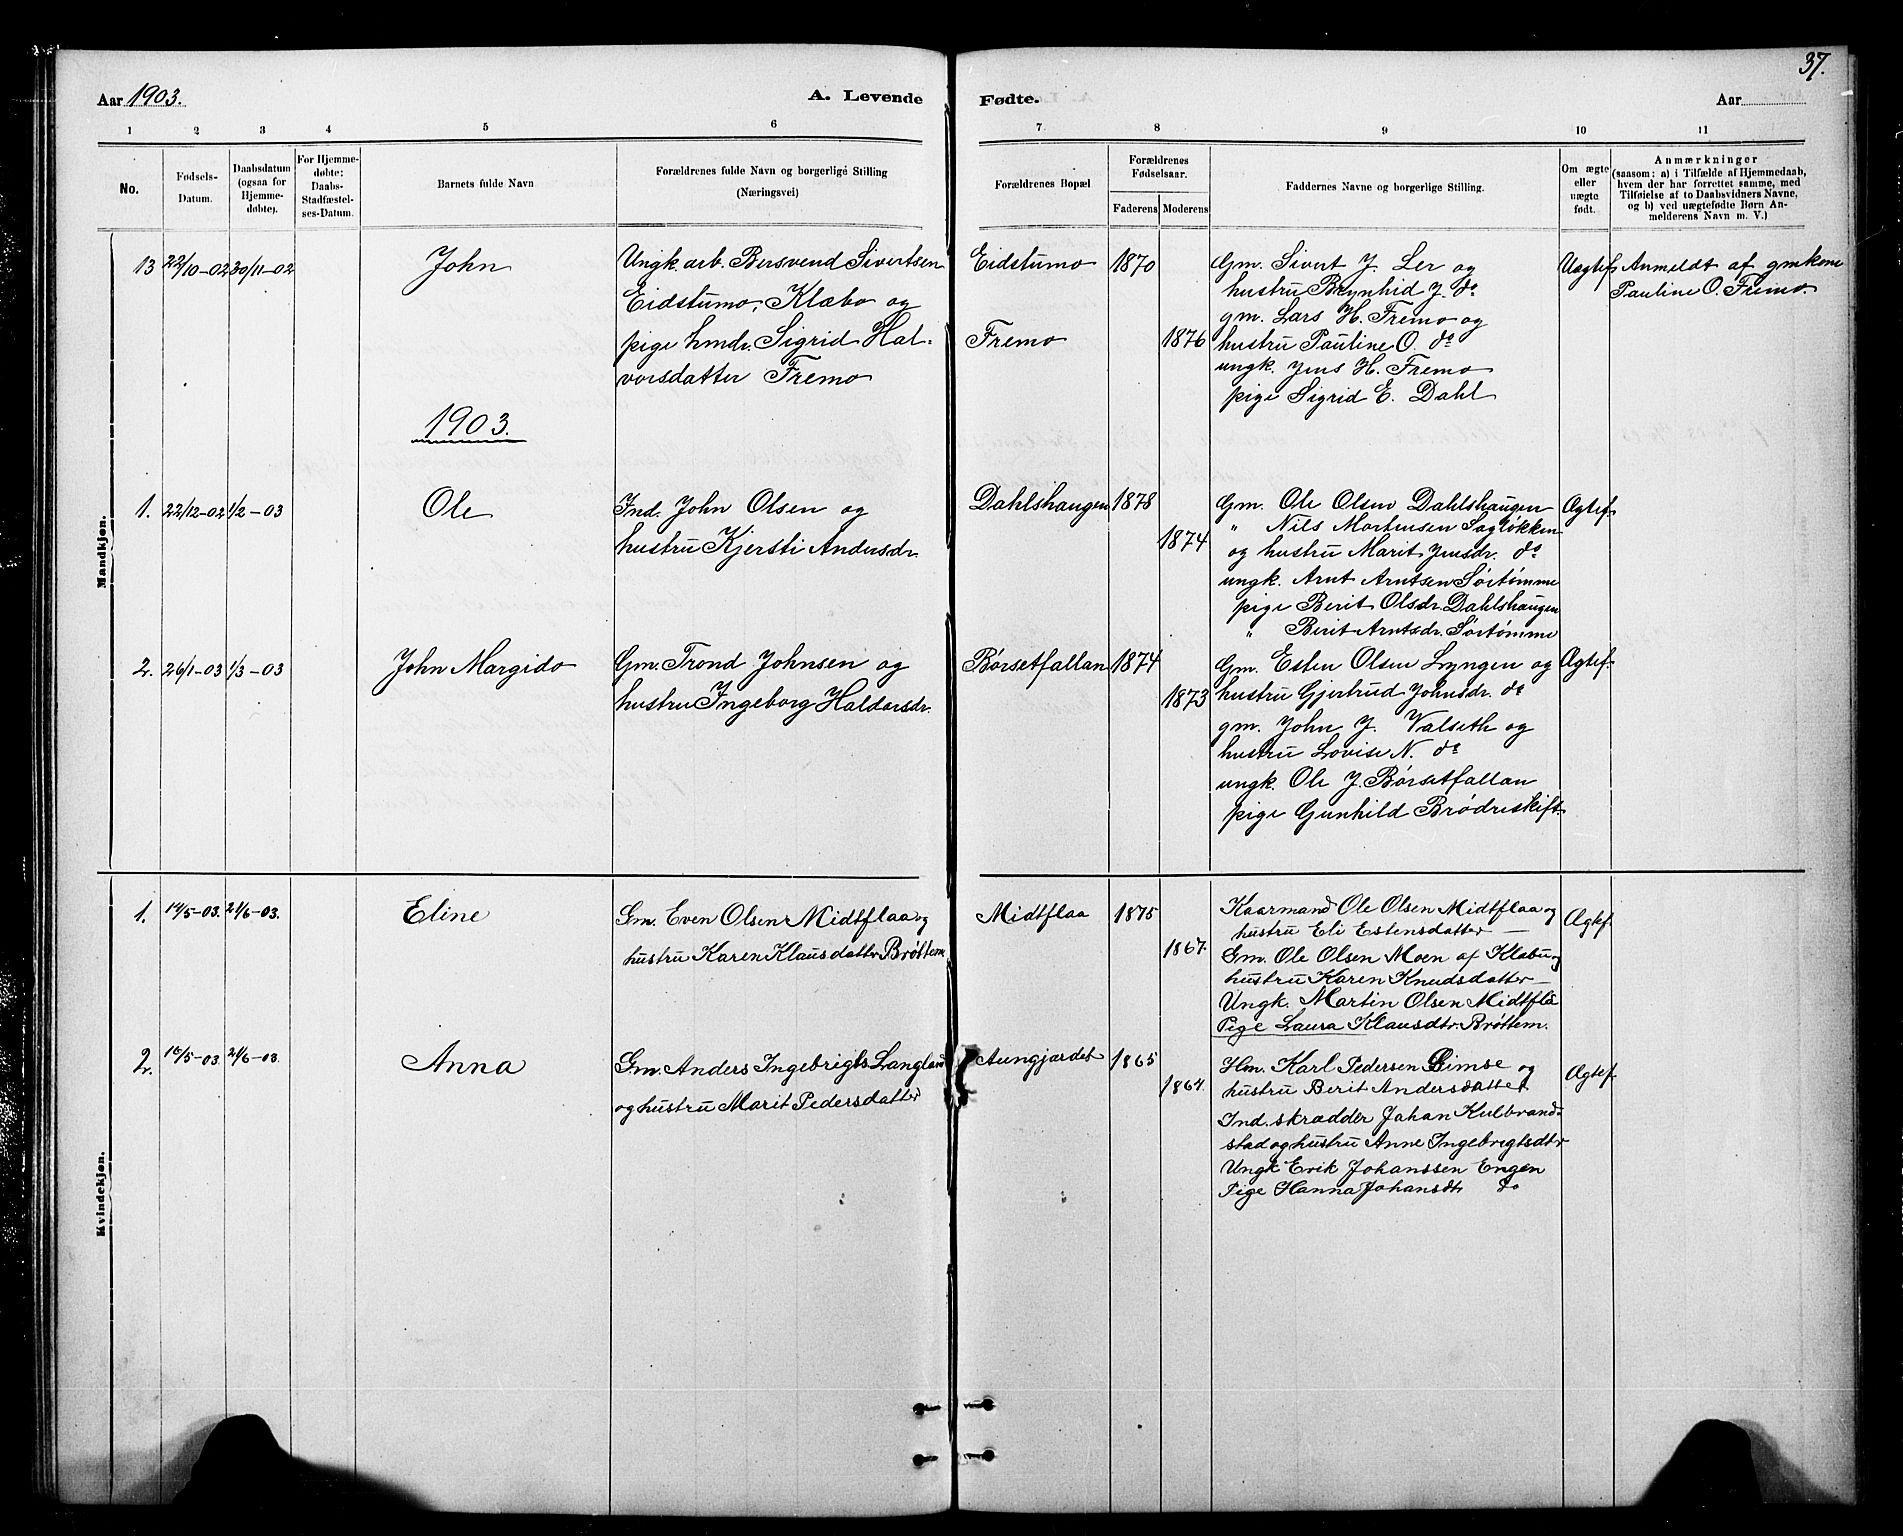 SAT, Ministerialprotokoller, klokkerbøker og fødselsregistre - Sør-Trøndelag, 693/L1123: Klokkerbok nr. 693C04, 1887-1910, s. 37